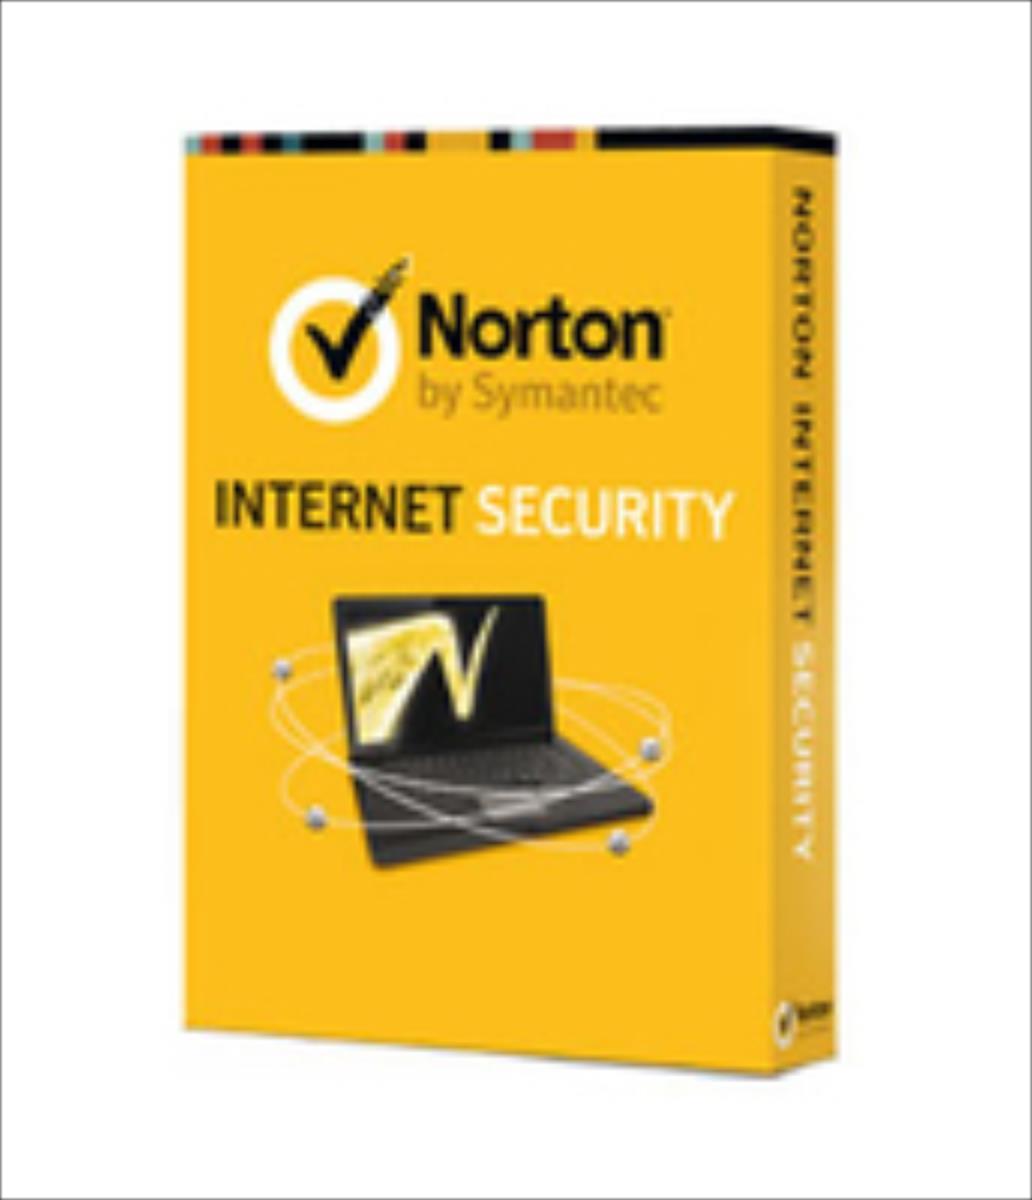 Symantec Norton Security Premium V. 3.0 far PCs, Macs, Androids und iOS-Mobilgerate, 10 Gerate, 1 Ja